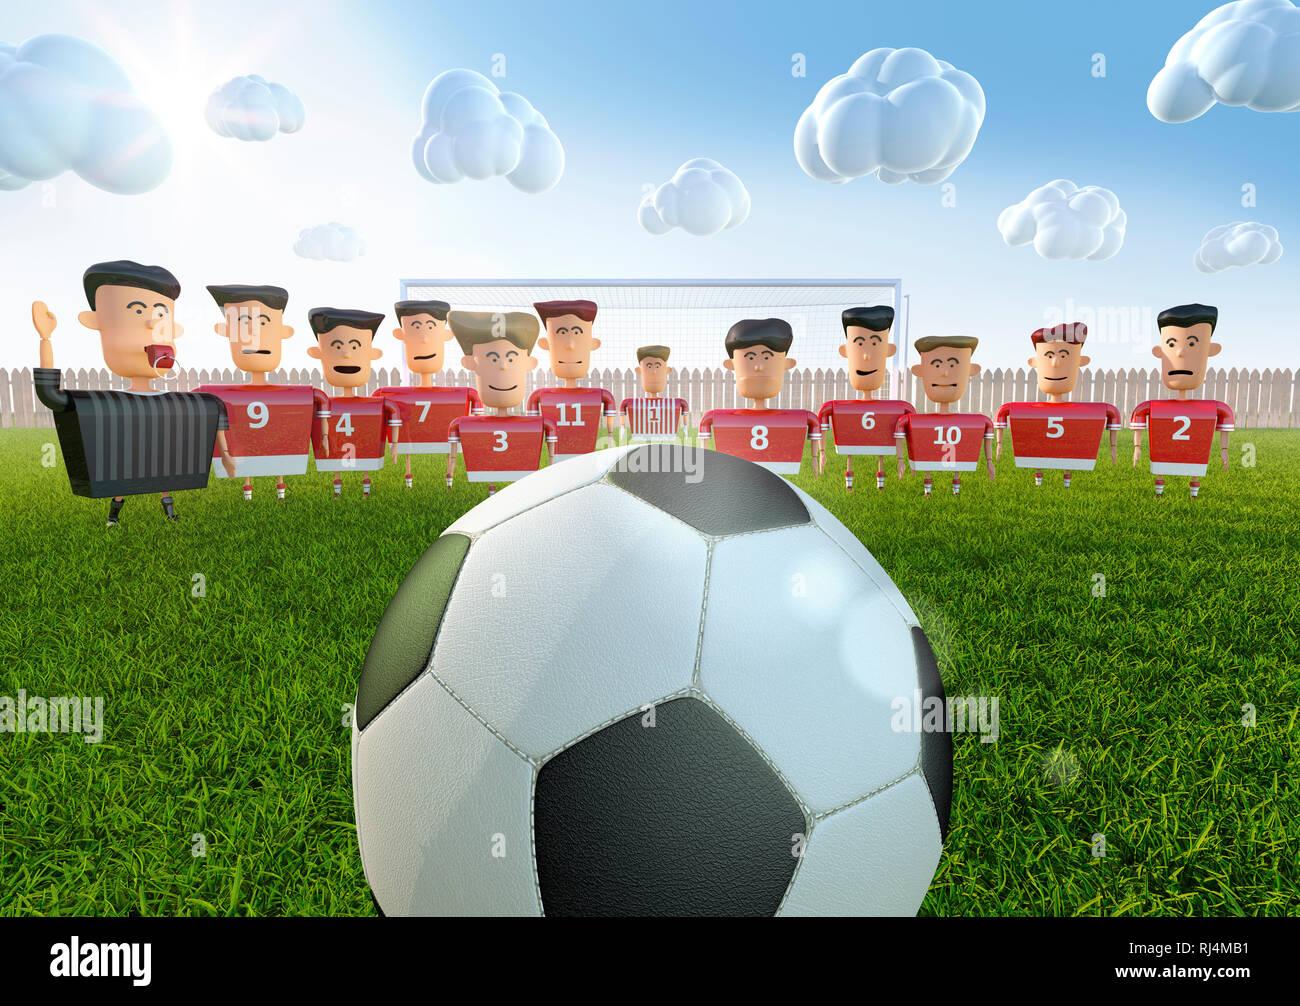 Ein großer Fussball vor Spielerfiguren in rotem Trikot nebst Schiedsrichter auf Bolzplatz und sonnig bewölktem Wetter - Stock Image